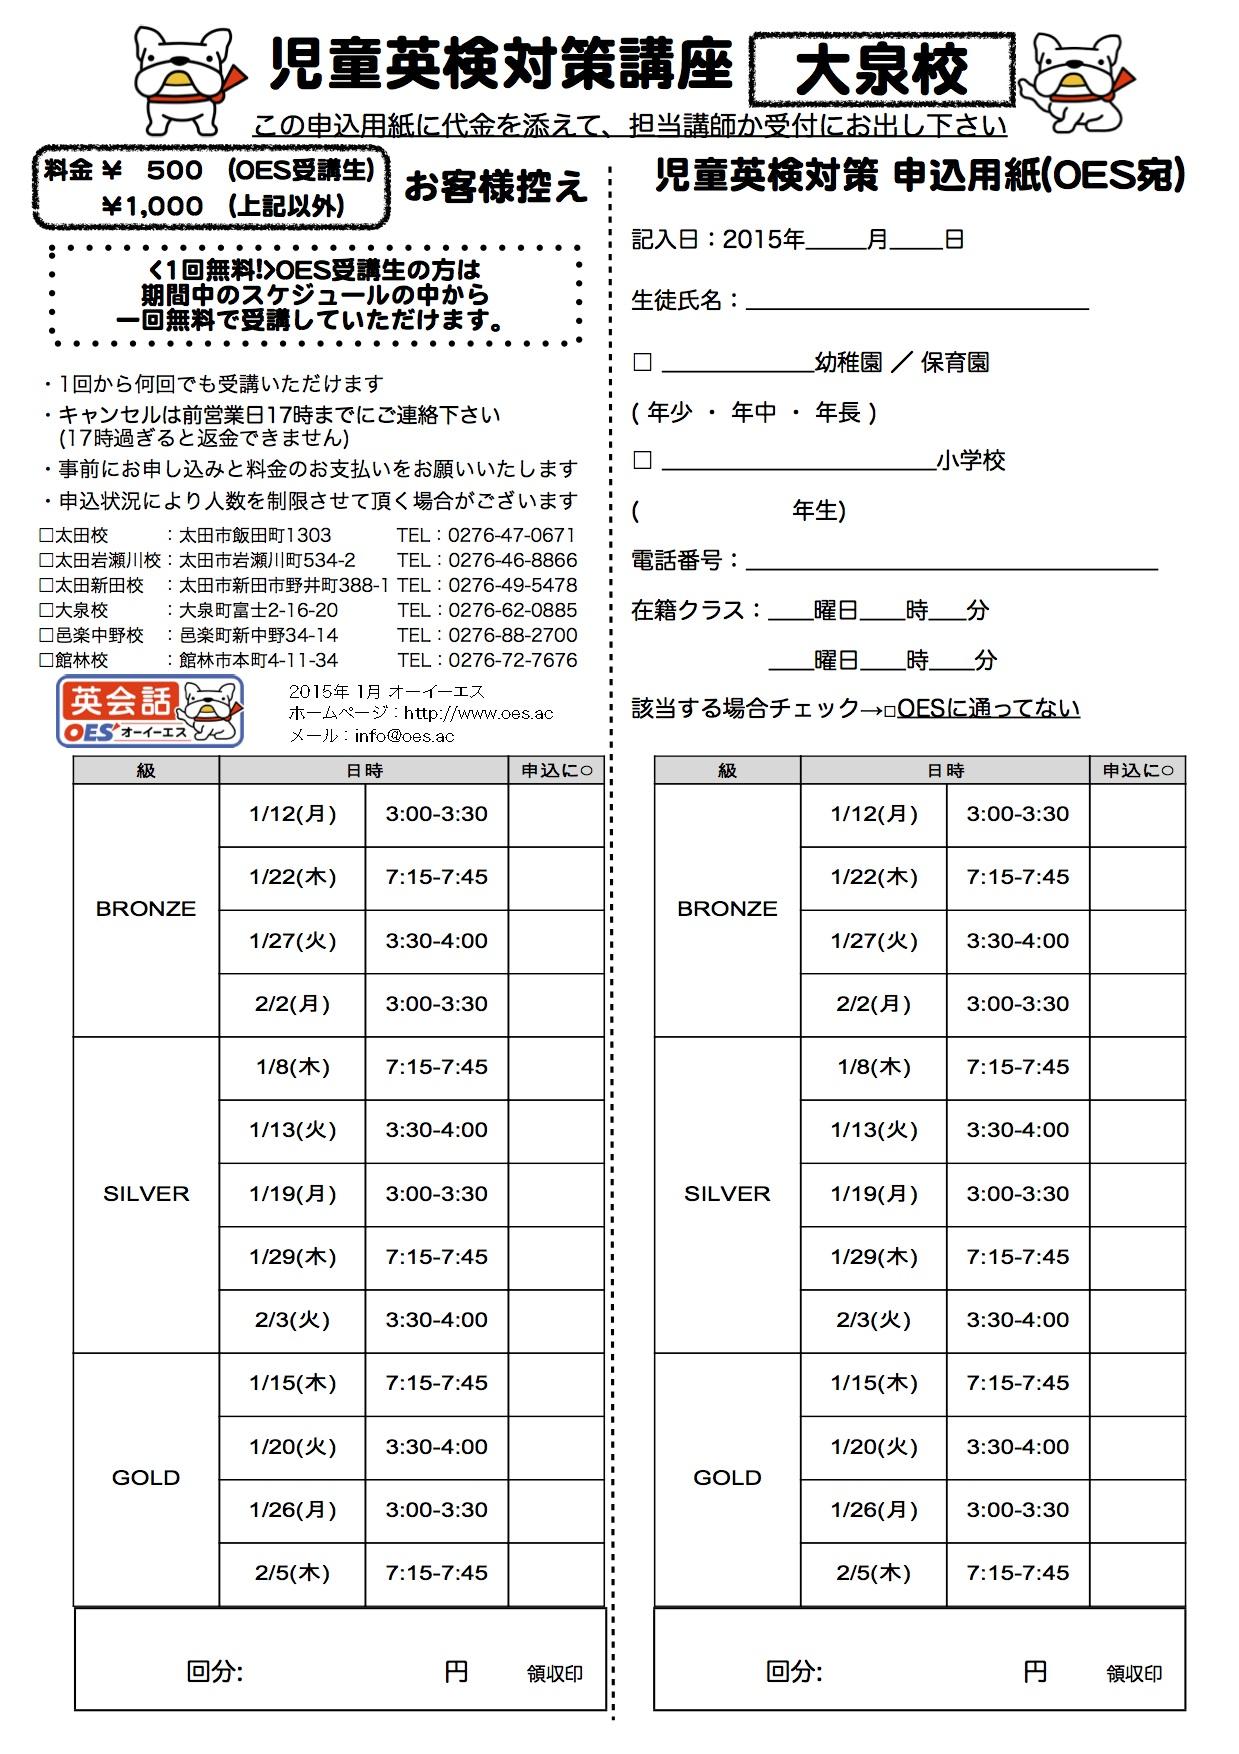 申込用紙 2014-3 大泉校.児童英検